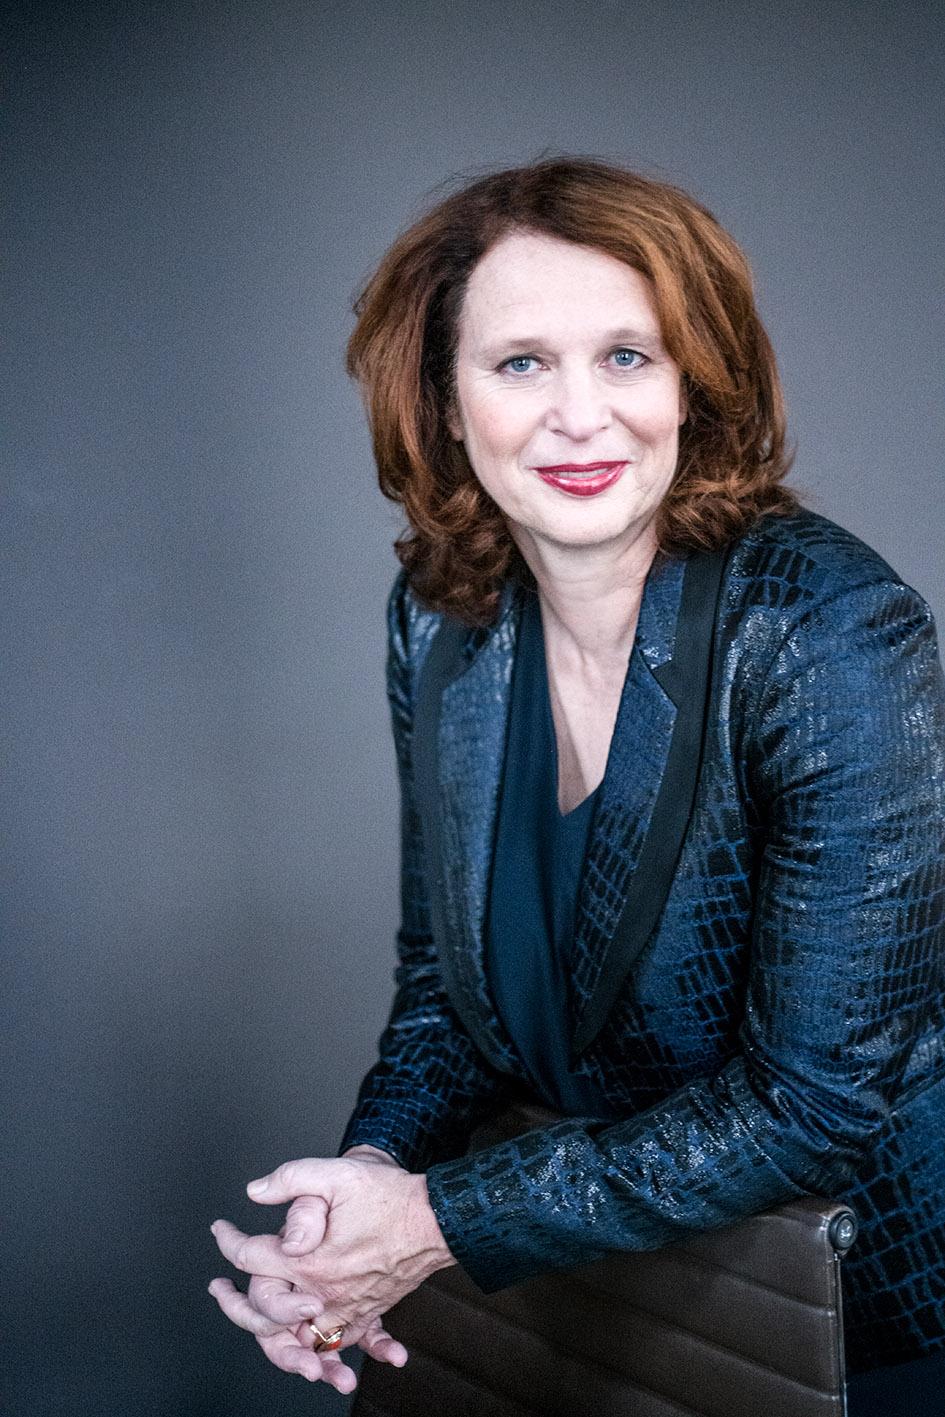 Corinne Schot verkozen tot Managing Partner Baker McKenzie Nederland